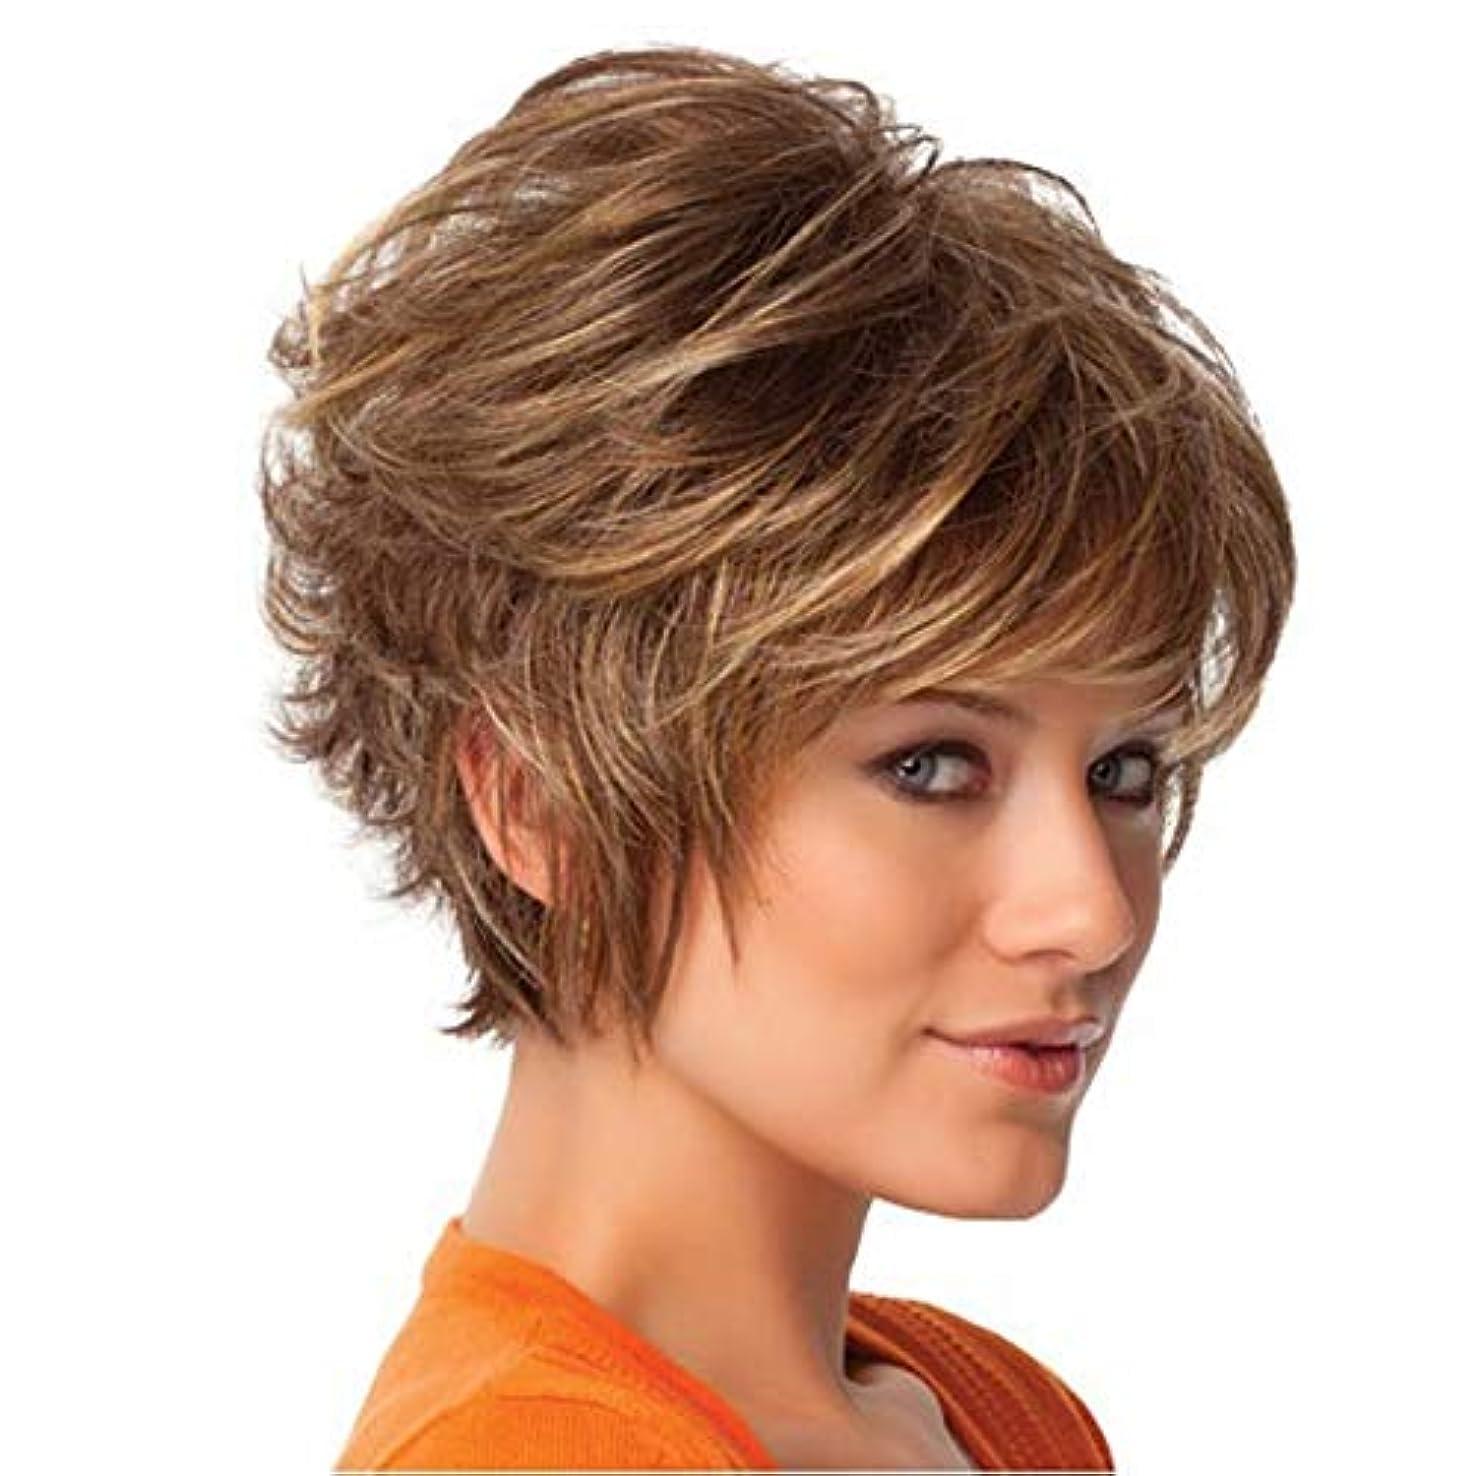 視力否定する恐ろしいYOUQIU 女性のファッション金髪ショートカーリーヘアボブスタイルウィッグ耐熱Resisantのかつら (色 : Blonde)